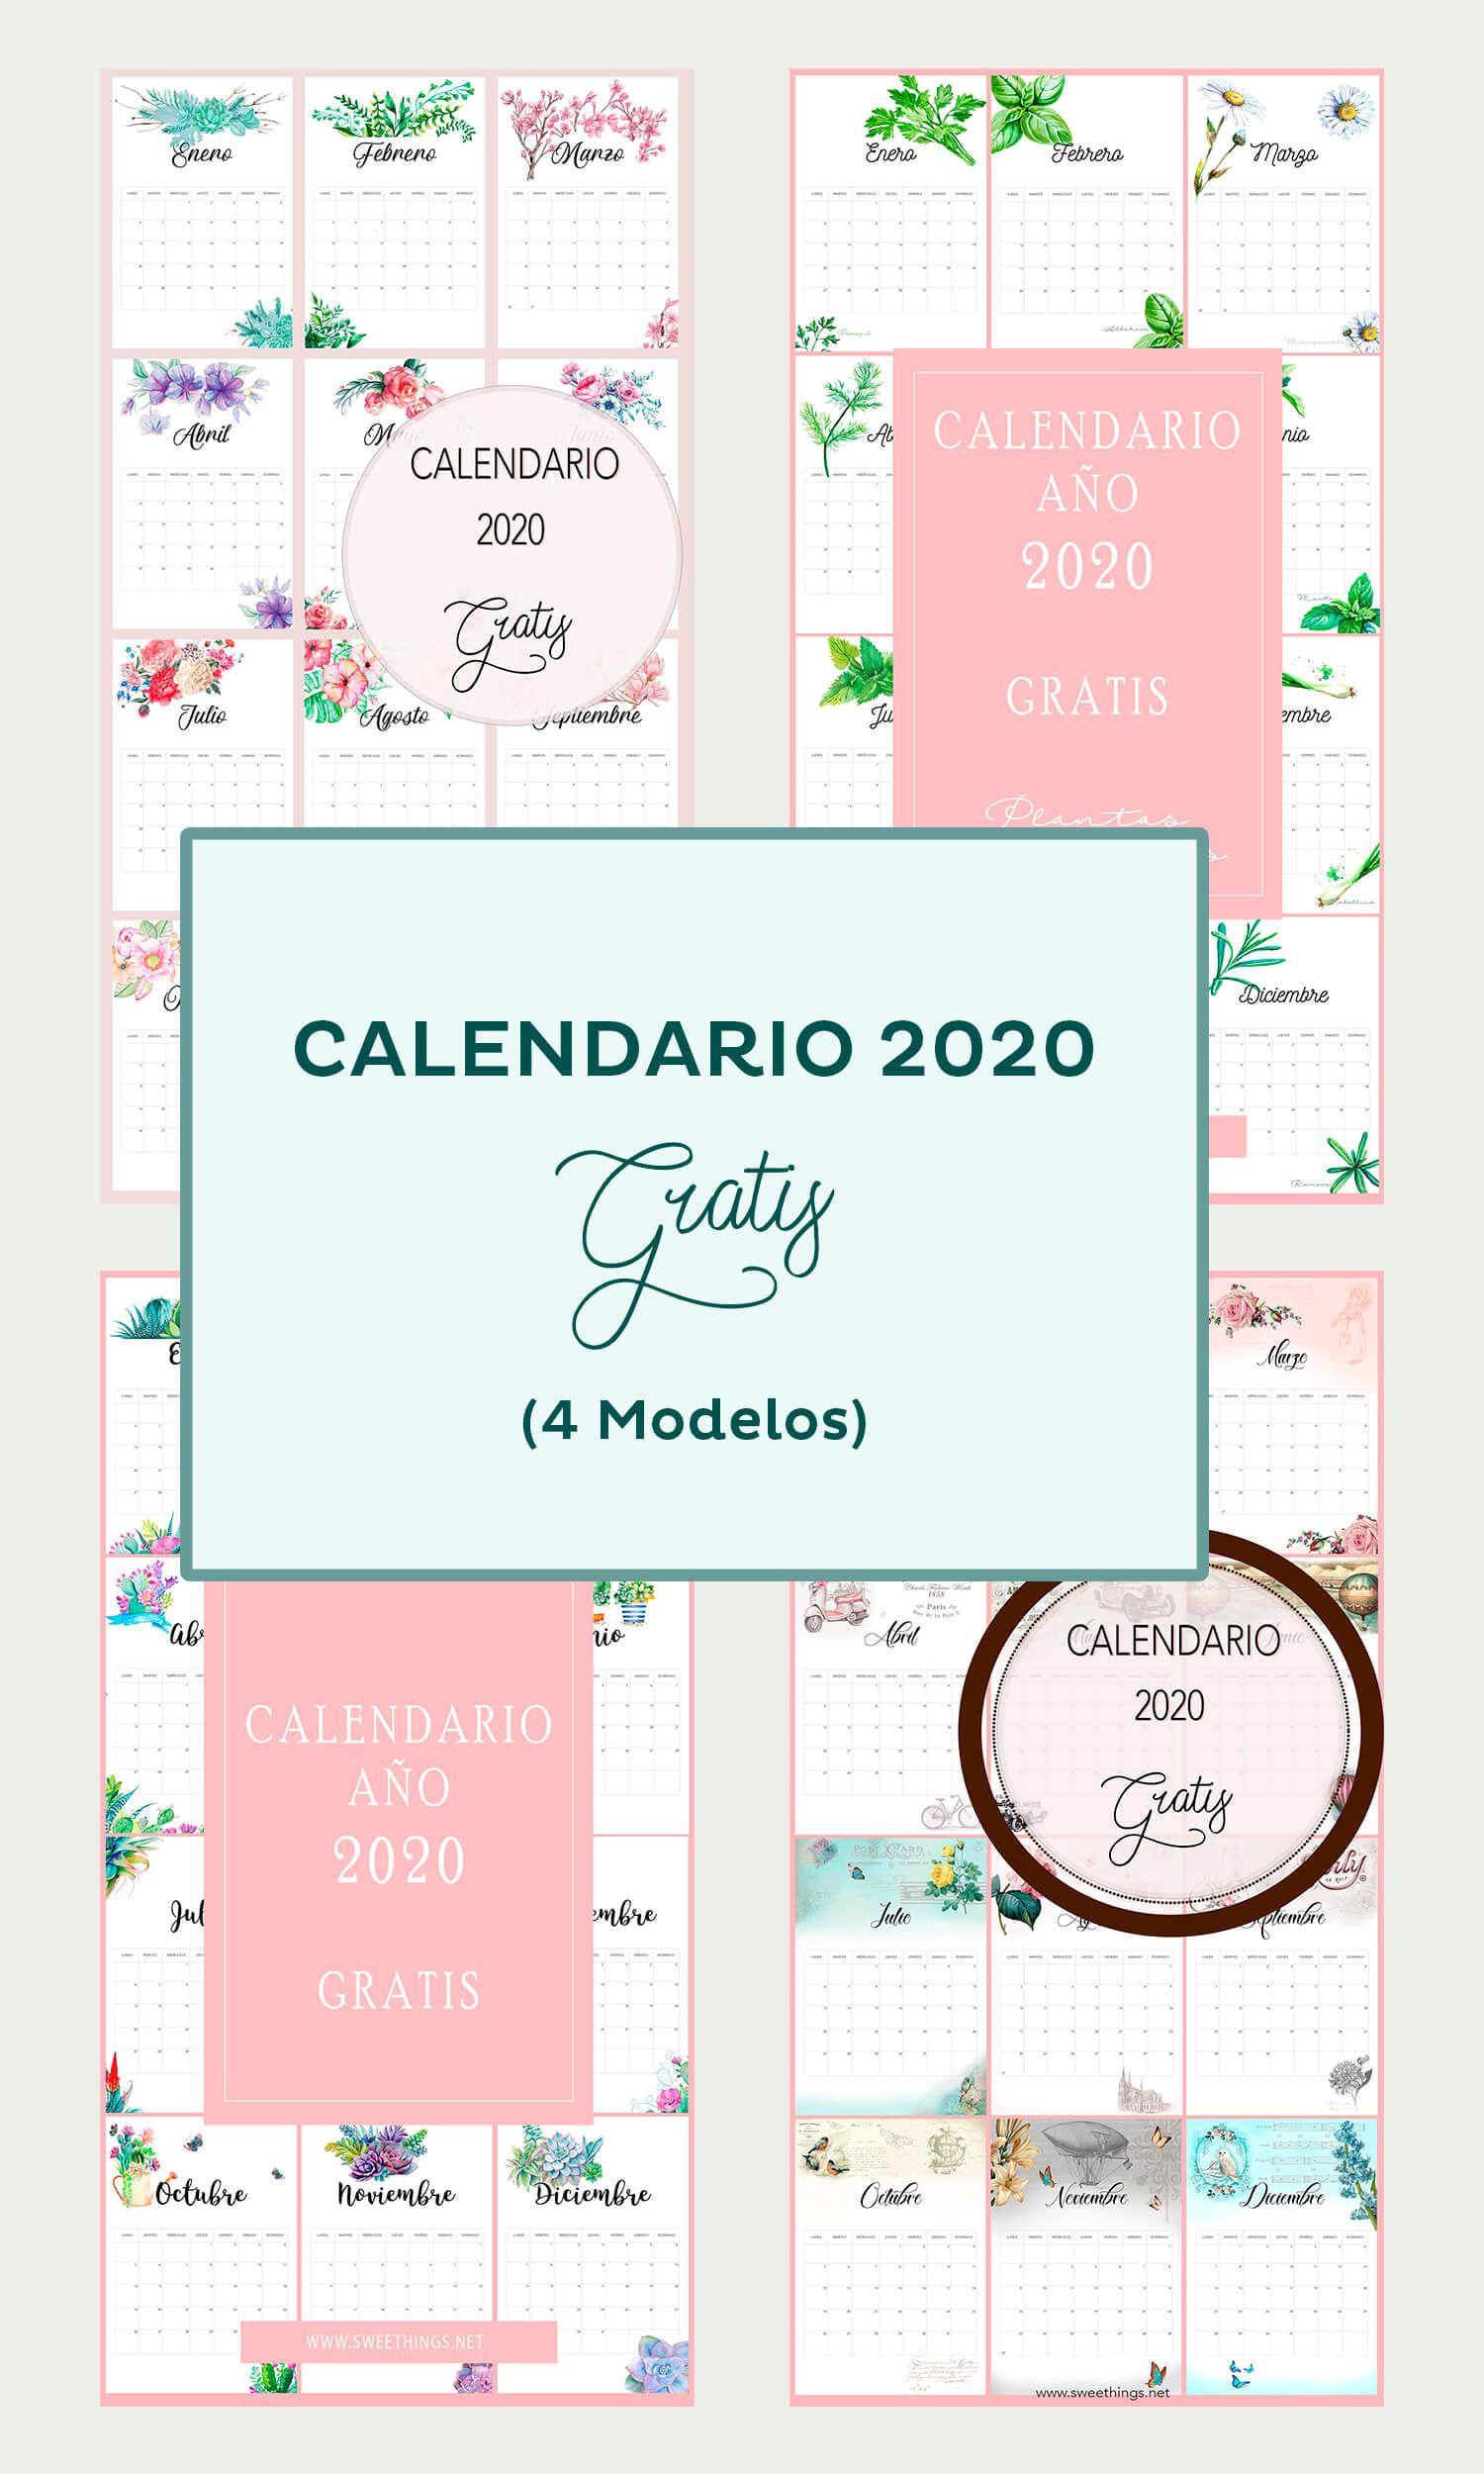 descargar calendario mensual 2020 gratis